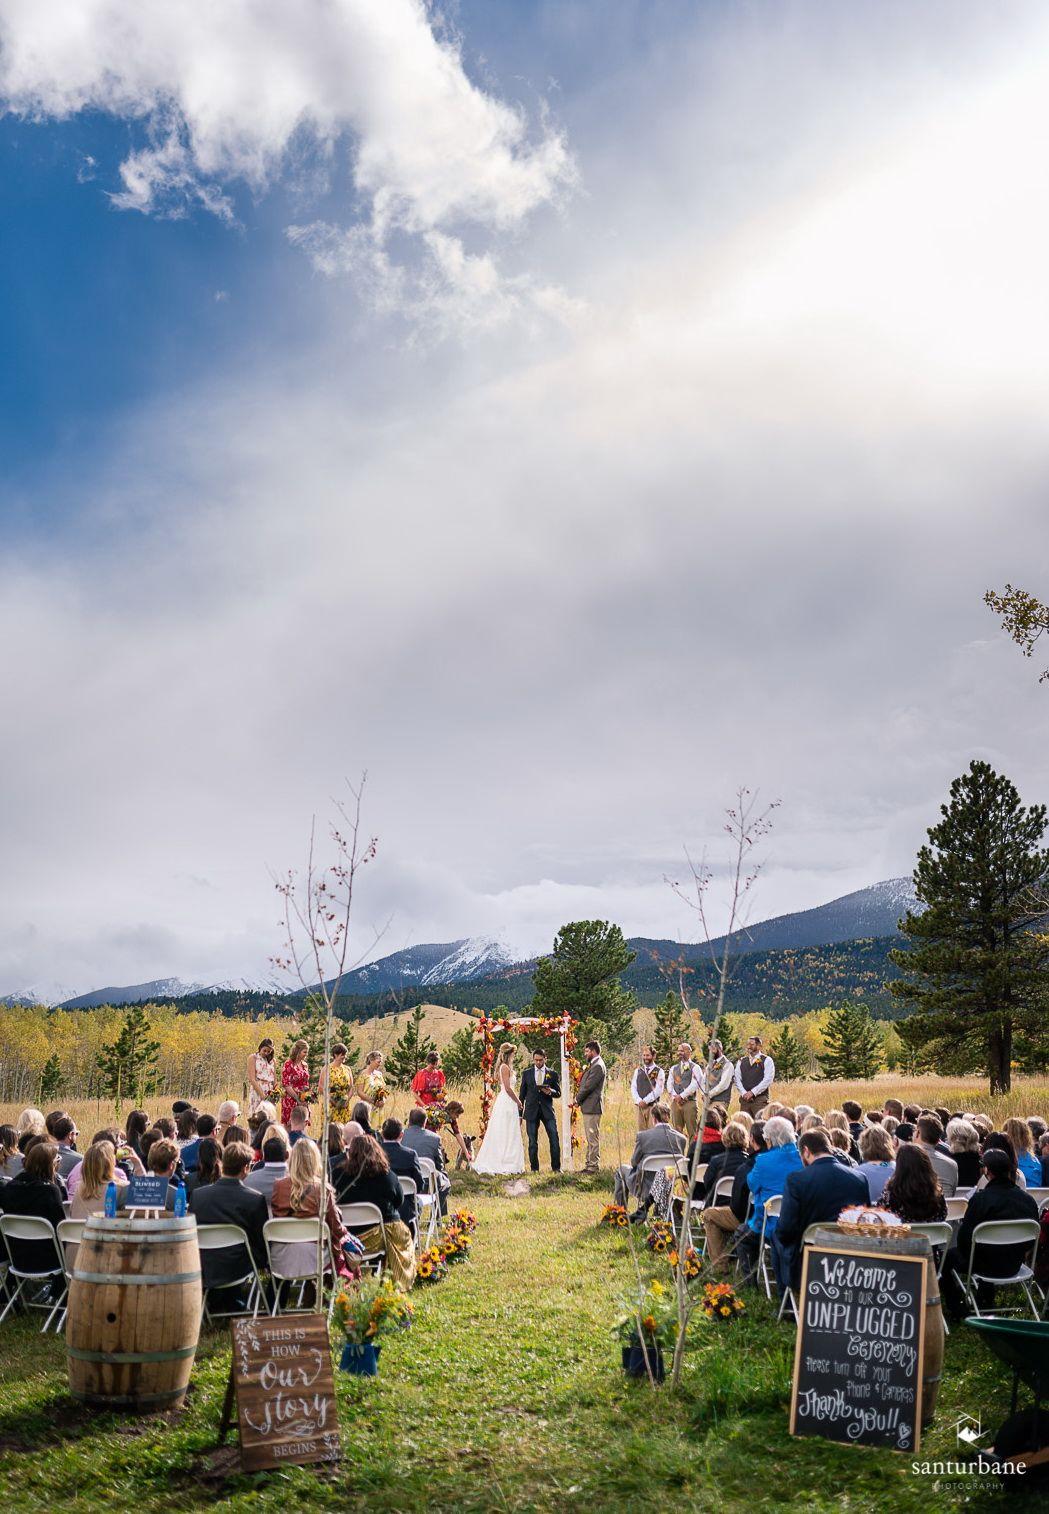 Colorado Mountain View Wedding 9 30 17 Sangre De Cristo Backdrop The Historic